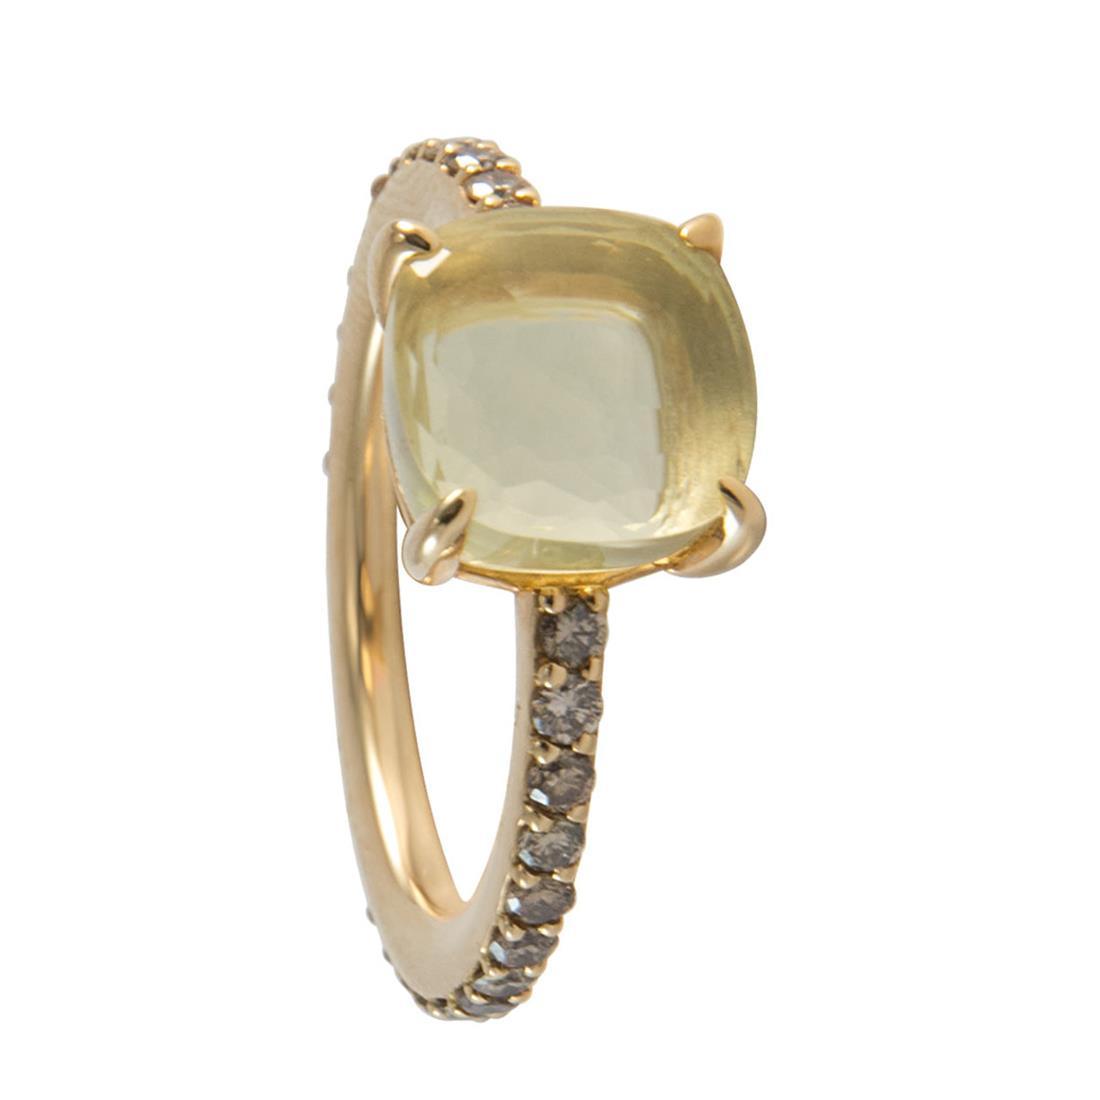 Anello in oro rosa con quarzo lemon e diamanti brown ct 0.78, misura 14 - POMELLATO